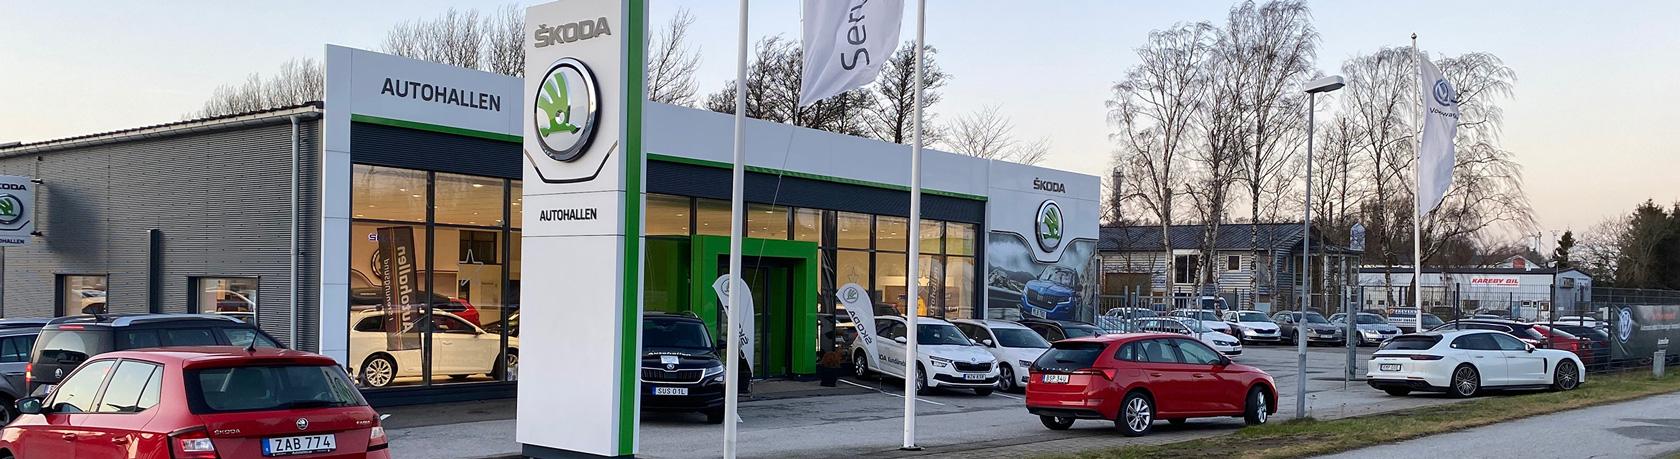 Autohallen i Stenungsund